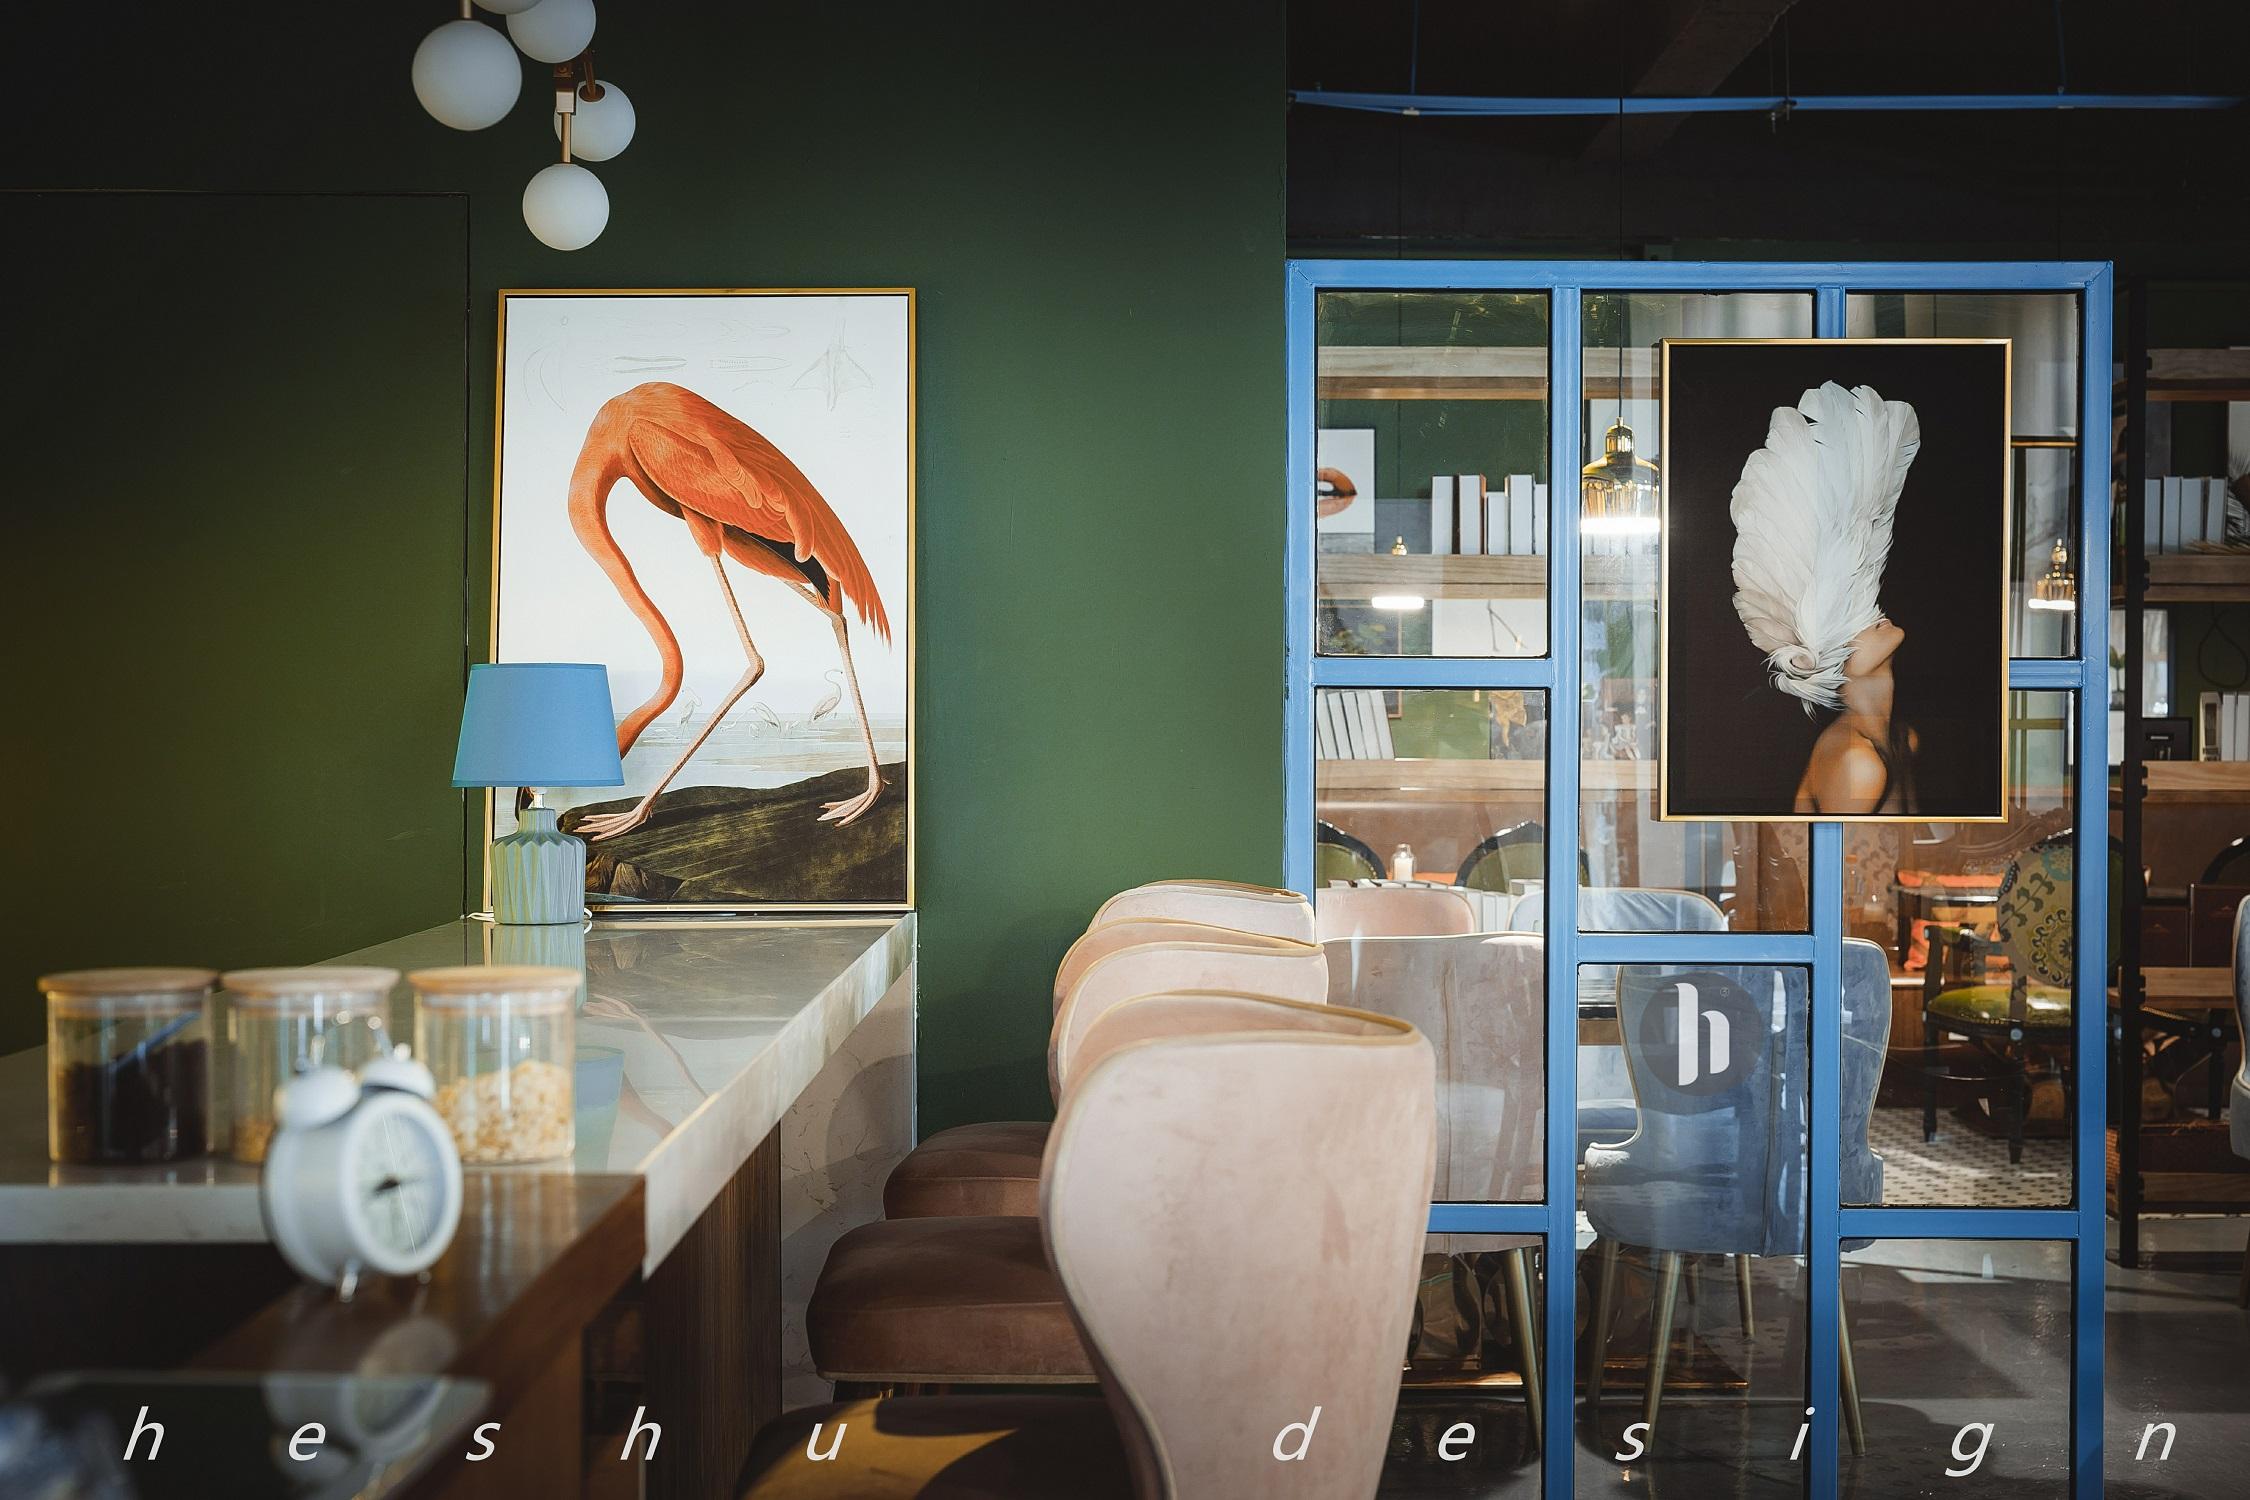 咖啡店装修内部餐厅效果图